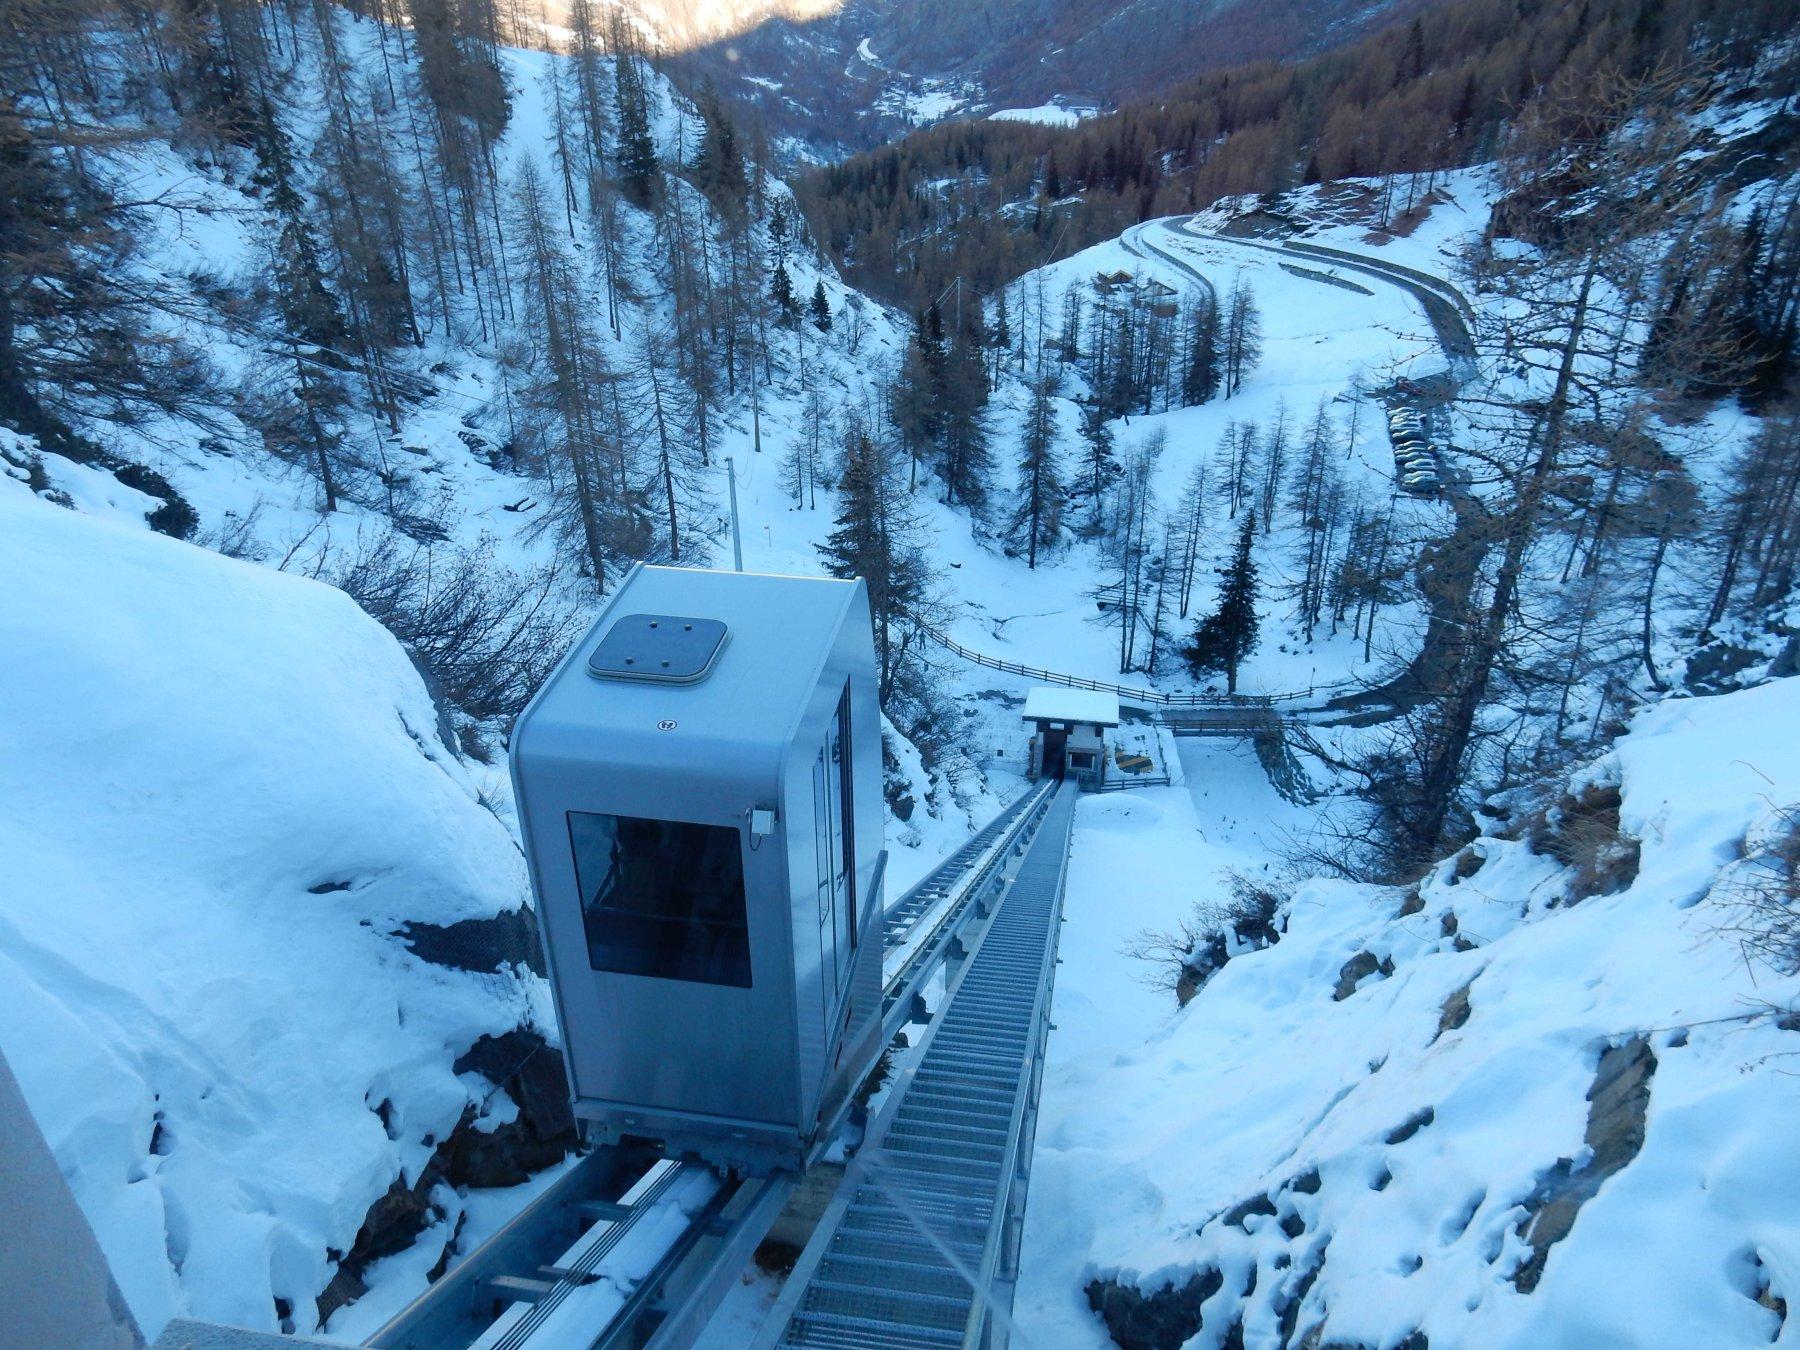 Il comodo ascensore che porta sull'altipiano di Cheneil.